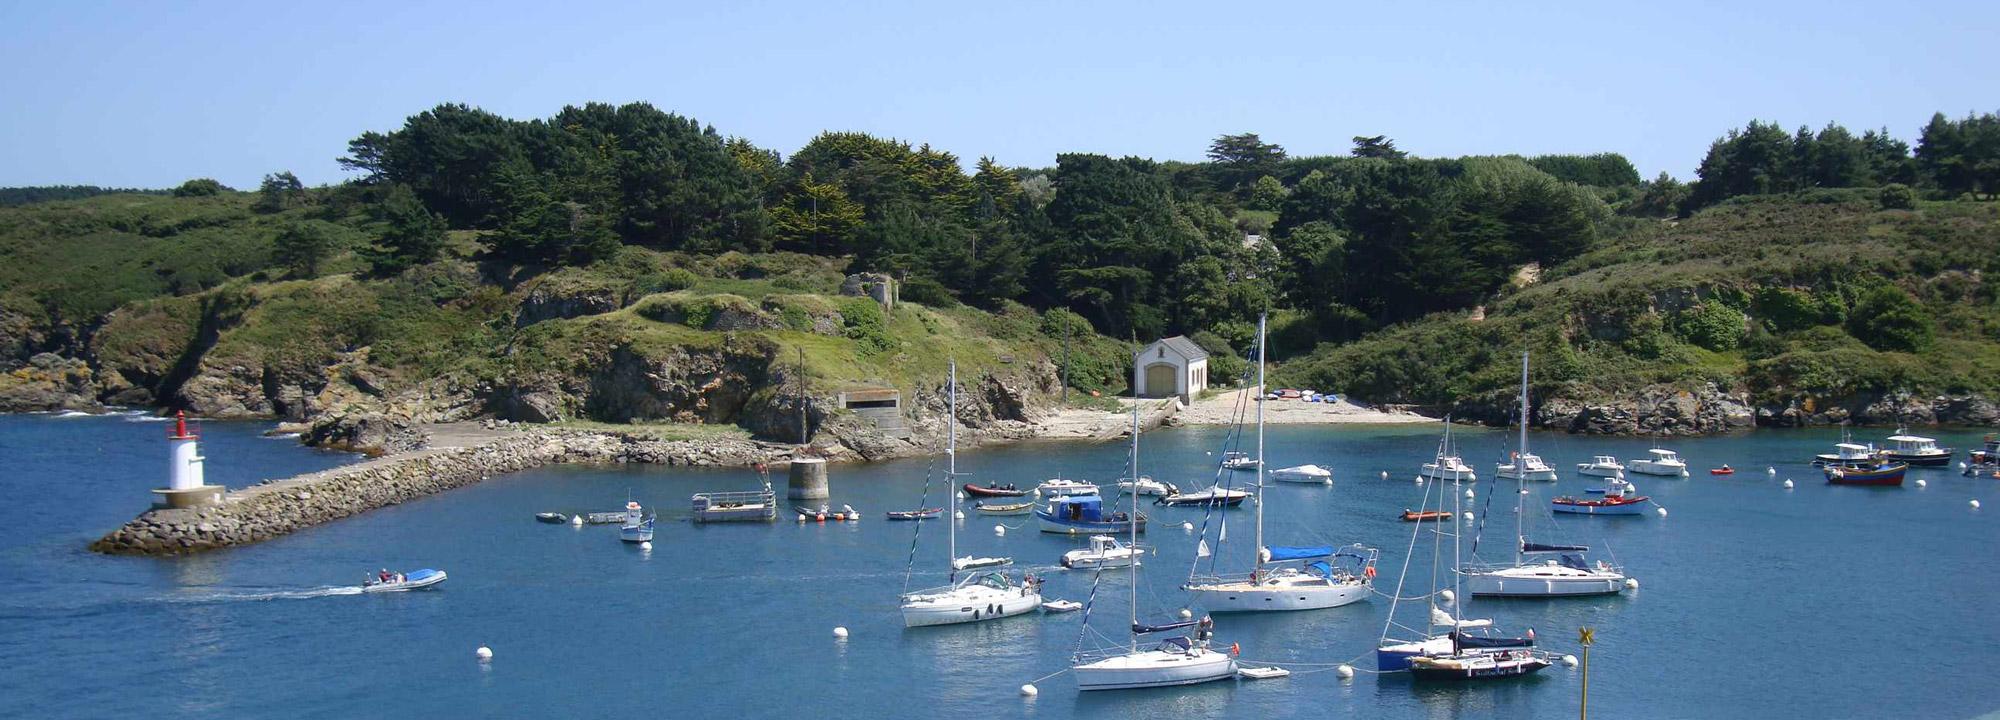 Louez un bateau pour découvrir la Bretagne